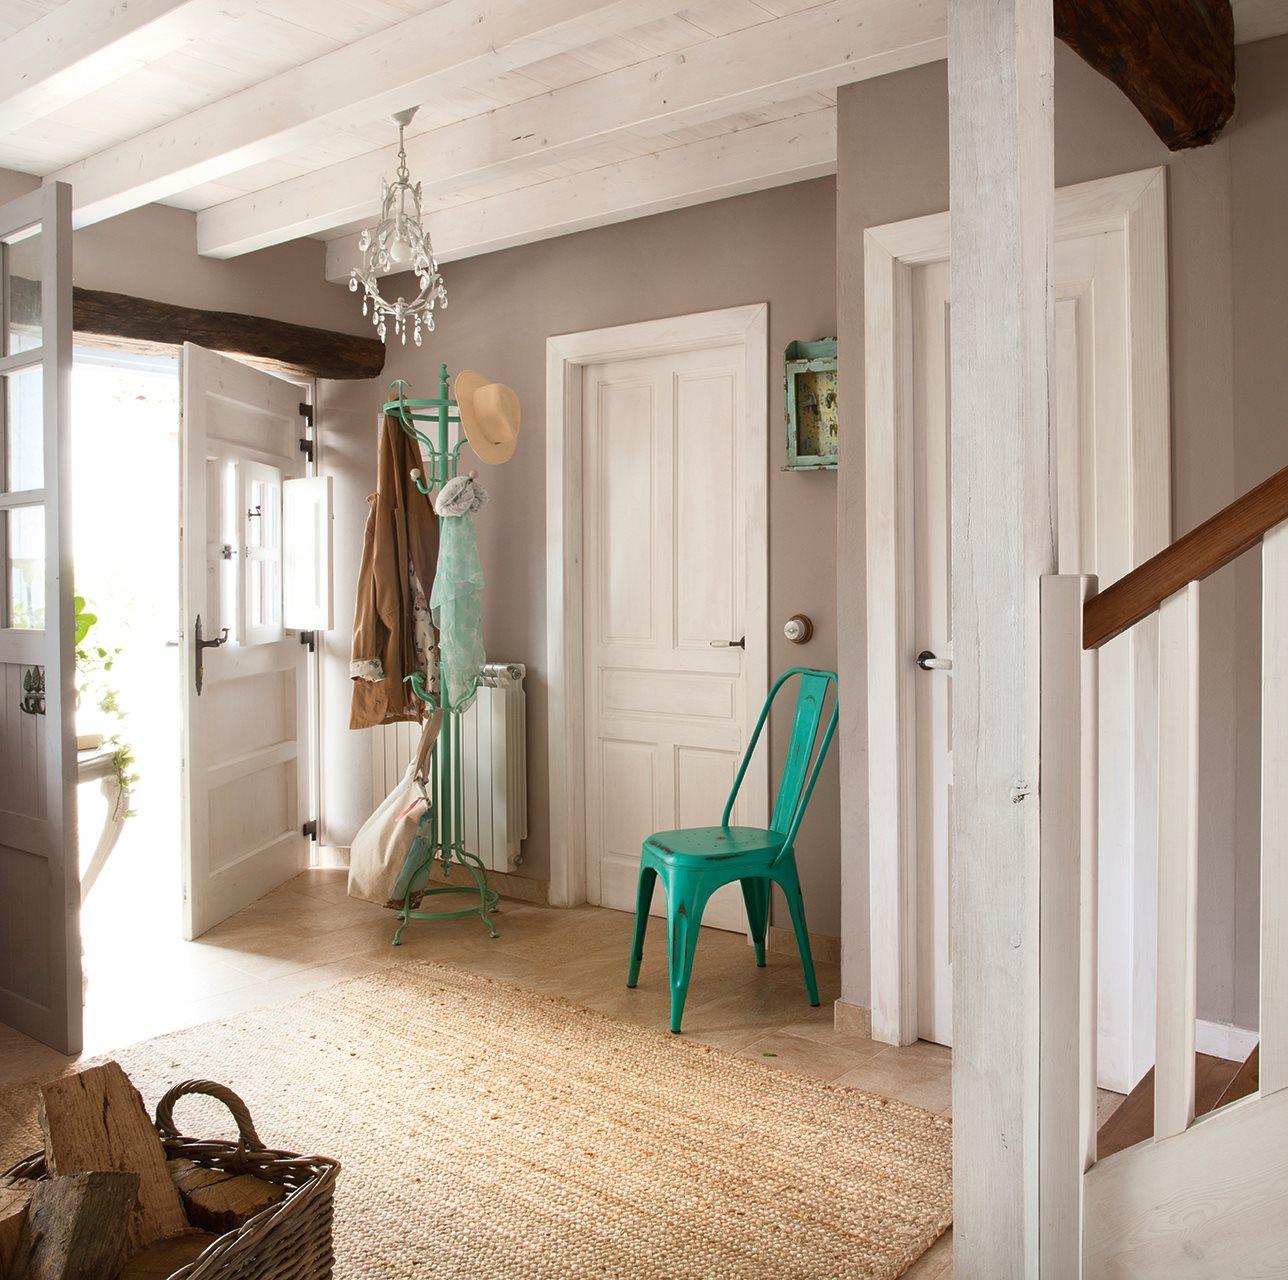 20 ideas para renovar tu casa a todo color for Ideas para renovar tu casa